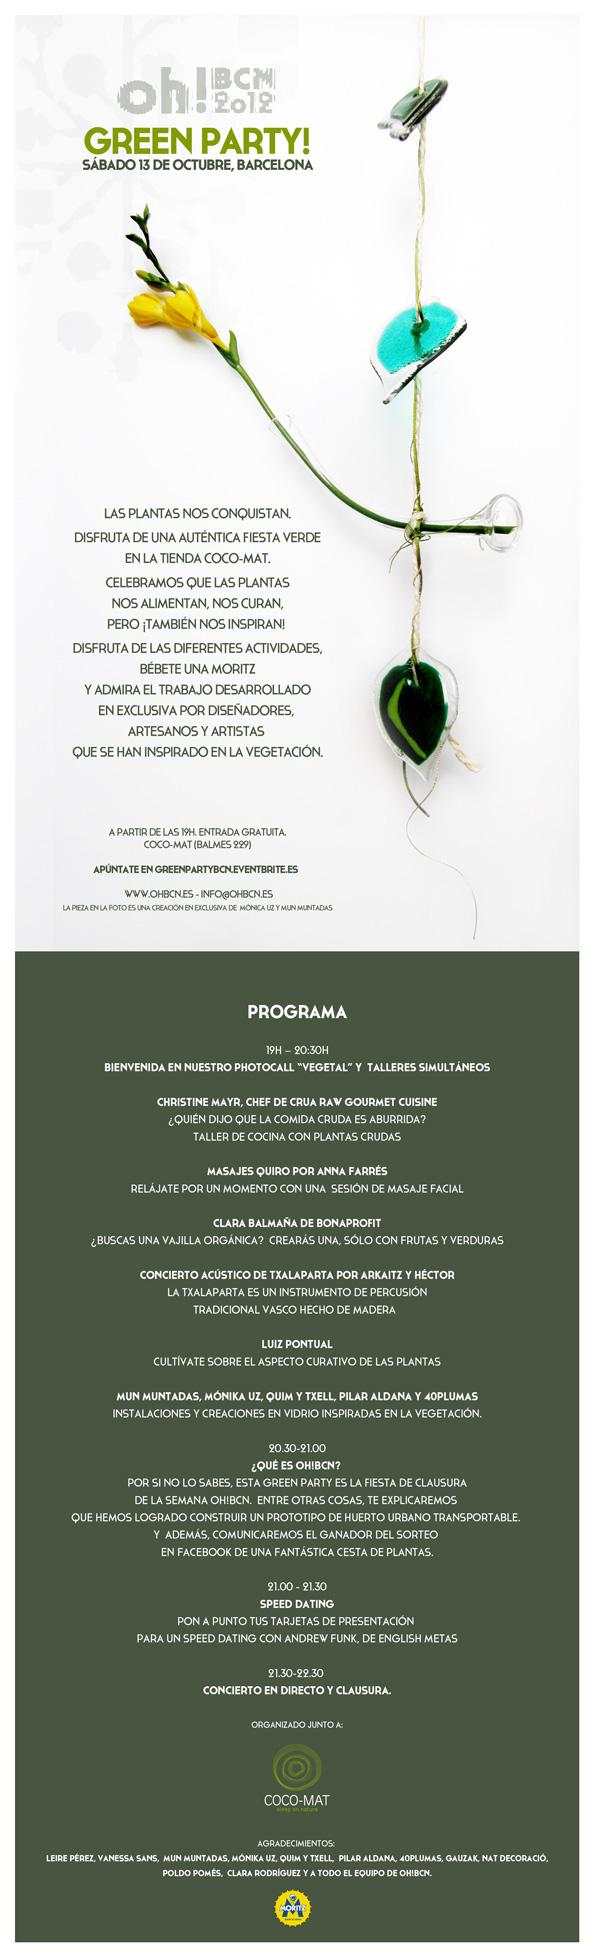 """oh!BCN presenta: Green Party! Sábado 13 de octubre, Barcelona. LAS PLANTAS NOS CONQUISTAN. DISFRUTA DE UNA AUTÉNTICA FIESTA VERDE EN LA TIENDA COCO-MAT CELEBRAMOS QUE LAS PLANTAS NOS ALIMENTAN, NOS CURAN, PERO ¡TAMBIÉN NOS INSPIRAN!  DISFRUTA DE LAS DIFERENTES ACTIVIDADES, BÉBETE UNA MORITZ Y ADMIRA EL TRABAJO DESARROLLADO EN EXCLUSIVA POR DISEÑADORES, ARTESANOS Y ARTISTAS QUE SE HAN INSPIRADO EN LA VEGETACIÓN.  A PARTIR DE LAS 19H. ENTRADA GRATUITA. COCO-MAT (BALMES 229)  WWW.OHBCN.ES - INFO@OHBCN.ES  19H – 20:30H BIENVENIDA EN NUESTRO PHOTOCALL """"VEGETAL"""" Y  TALLERES SIMULTÁNEOS: CHRISTINE MAYR, CHEF DE CRUA RAW GOURMET CUISINE ¿QUIÉN DIJO QUE LA COMIDA CRUDA ES ABURRIDA? TALLER DE COCINA CON PLANTAS CRUDAS MASAJES QUIRO POR ANNA FARRÉS RELÁJATE POR UN MOMENTO CON UNA  SESIÓN DE MASAJE FACIAL CLARA BALMAÑA DE BONAPROFIT ¿BUSCAS UNA VAJILLA ORGÁNICA?  CREARÁS UNA, SÓLO CON FRUTAS Y VERDURAS CONCIERTO ACÚSTICO DE TXALAPARTA POR ARKAITZ Y HÉCTOR LA TXALAPARTA ES UN INSTRUMENTO DE PERCUSIÓN TRADICIONAL VASCO HECHO DE MADERA    LUIZ PONTUAL CULTÍVATE SOBRE EL ASPECTO CURATIVO DE LAS PLANTAS MUN MUNTADAS, MÓNIKA UZ, QUIM Y TXELL, PILAR ALDANA Y 40PLUMAS INSTALACIONES Y CREACIONES EN VIDRIO INSPIRADAS EN LA VEGETACIÓN.  20.30-21.00 ¿QUÉ ES OH!BCN?  POR SI NO LO SABES, ESTA GREEN PARTY ES LA FIESTA DE CLAUSURA DE LA SEMANA OH!BCN. ENTRE OTRAS COSAS, TE EXPLICAREMOS QUE HEMOS LOGRADO CONSTRUIR UN PROTOTIPO DE HUERTO URBANO TRANSPORTABLE. Y  ADEMÁS, COMUNICAREMOS EL GANADOR DEL SORTEO EN FACEBOOK DE UNA FANTÁSTICA CESTA DE PLANTAS.  21.00 - 21.30 SPEED DATING PON A PUNTO TUS TARJETAS DE PRESENTACIÓN PARA UN SPEED DATING CON ANDREW FUNK, DE ENGLISH METAS  21.30-22.30  CONCIERTO EN DIRECTO Y CLAUSURA.   AGRADECIMIENTOS: LEIRE PÉREZ, VANESSA SANS, MUN MUNTADAS, MÓNIKA UZ, QUIM Y TXELL, PILAR ALDANA , 40PLUMAS, GAUZAK, NAT DECORACIÓ, POLDO POMÉS, CLARA RODRÍGUEZ Y A TODO EL EQUIPO DE OH!BCN."""